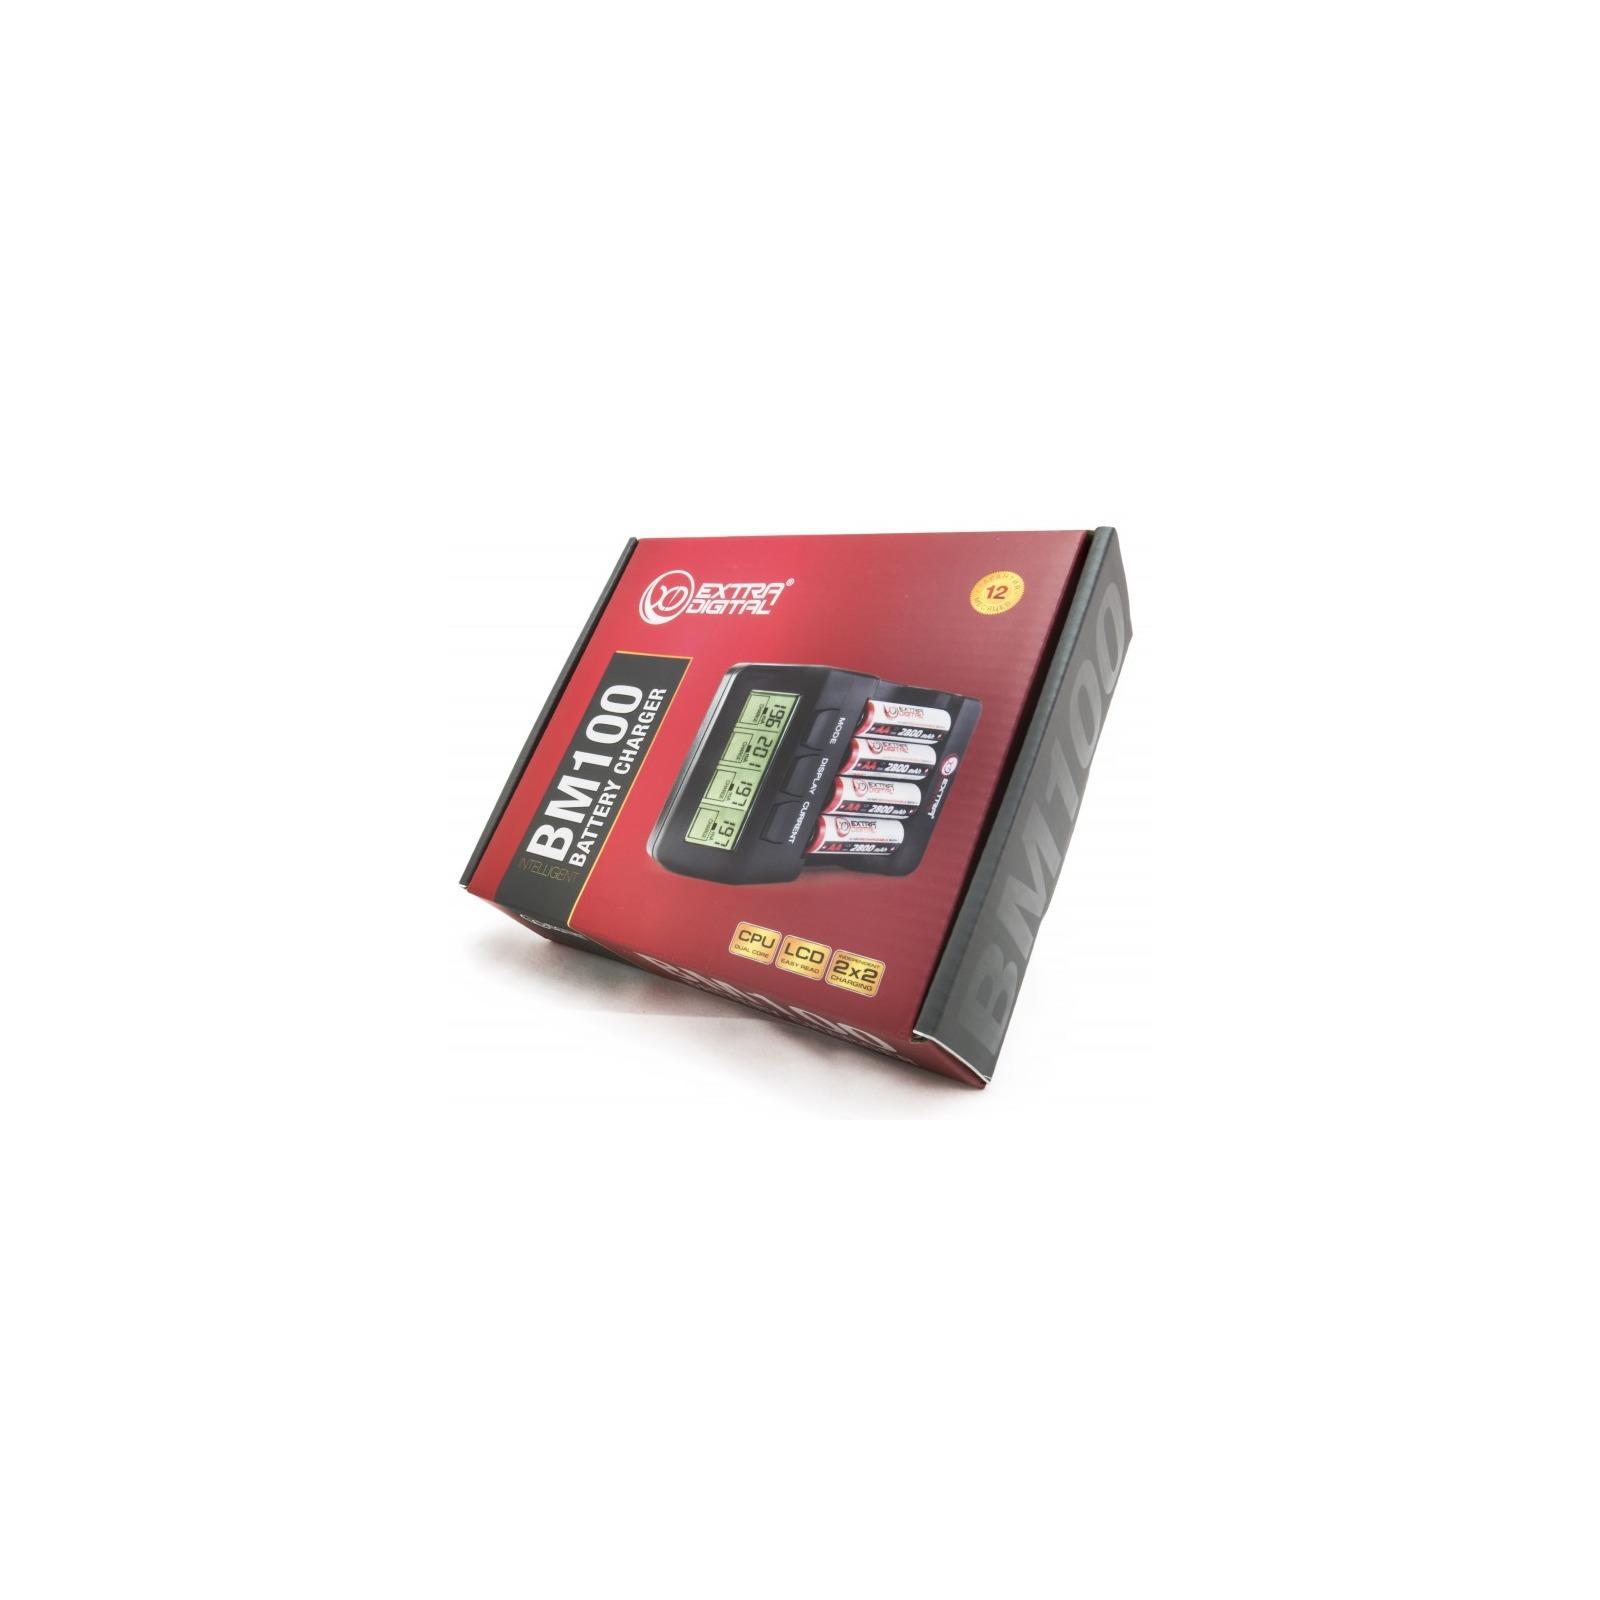 Зарядное устройство для аккумуляторов Extradigital BM110 + 4шт AA 2800 mAh (DV00DV2818) изображение 8